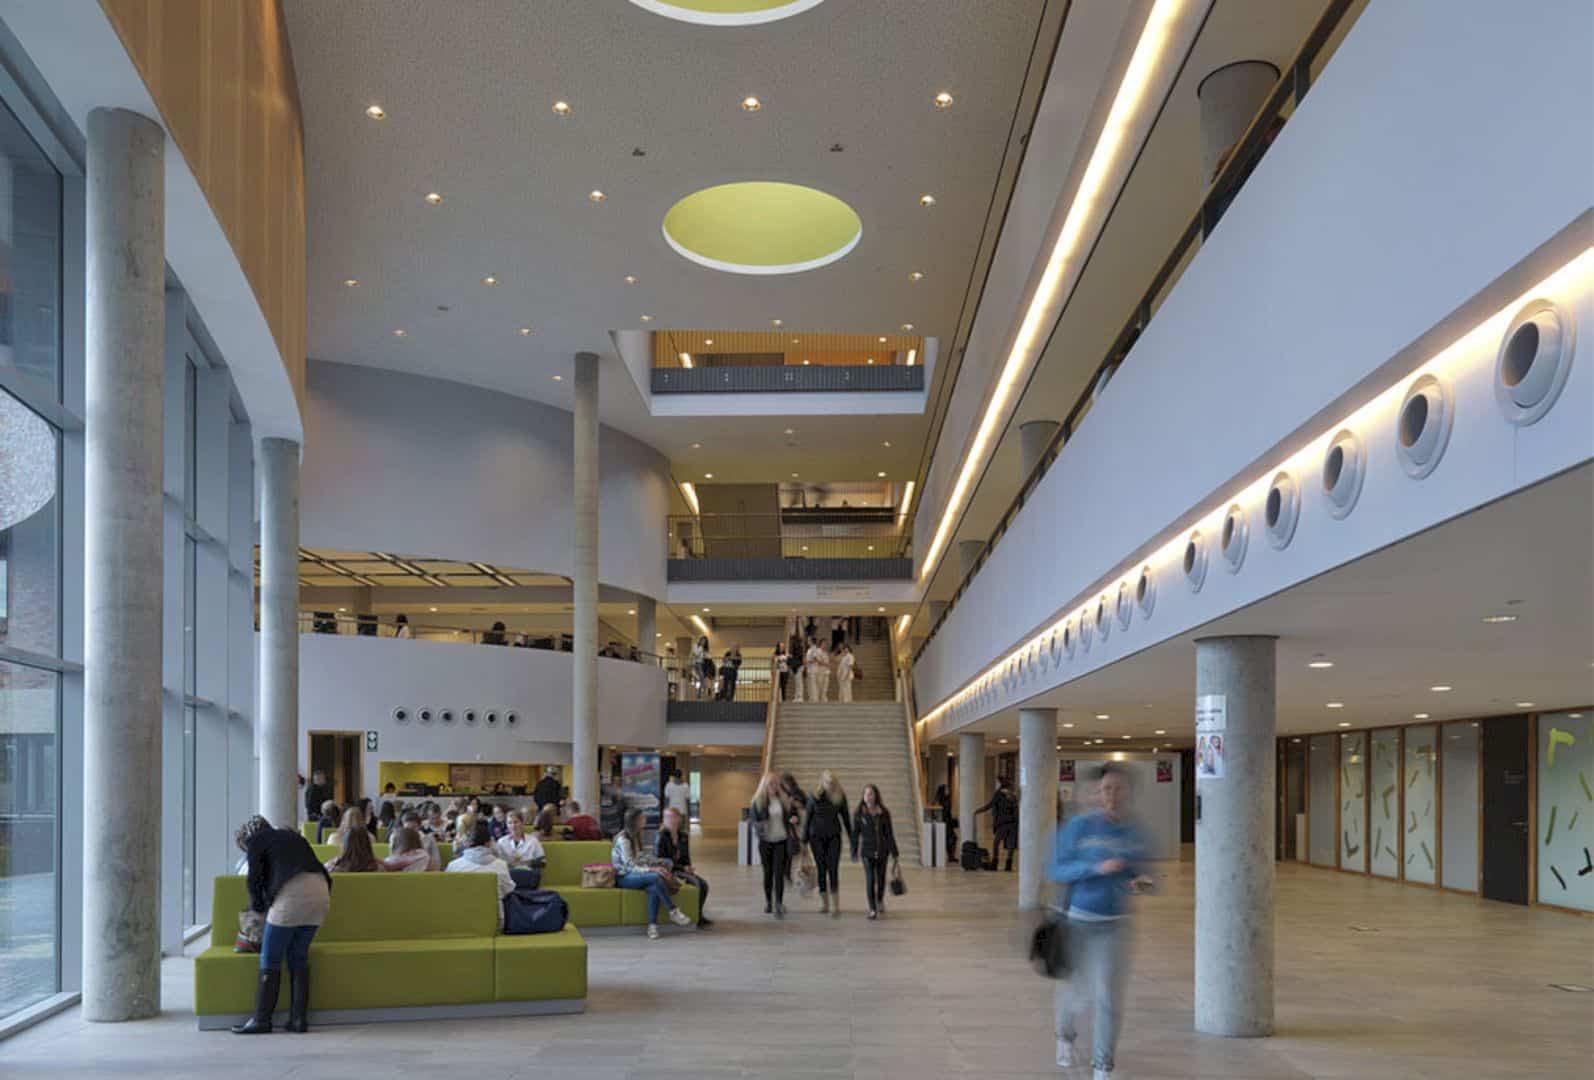 Kellebeek College Roosendaal By Jeanne Dekkers Architectuur 4